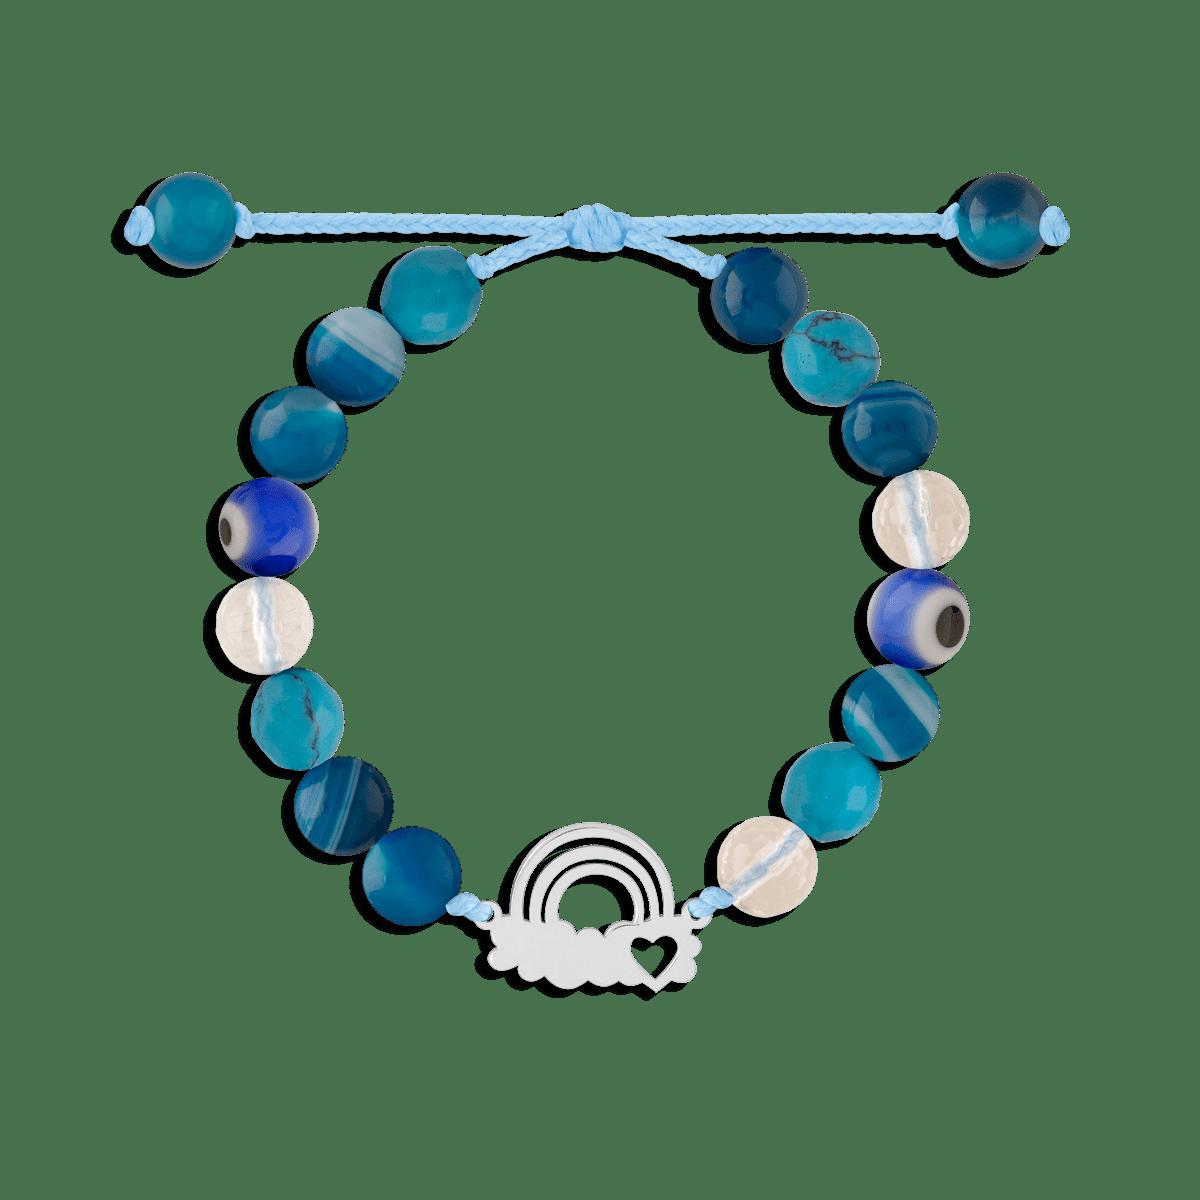 دستبند نقره سنگی ابر و رنگین کمان